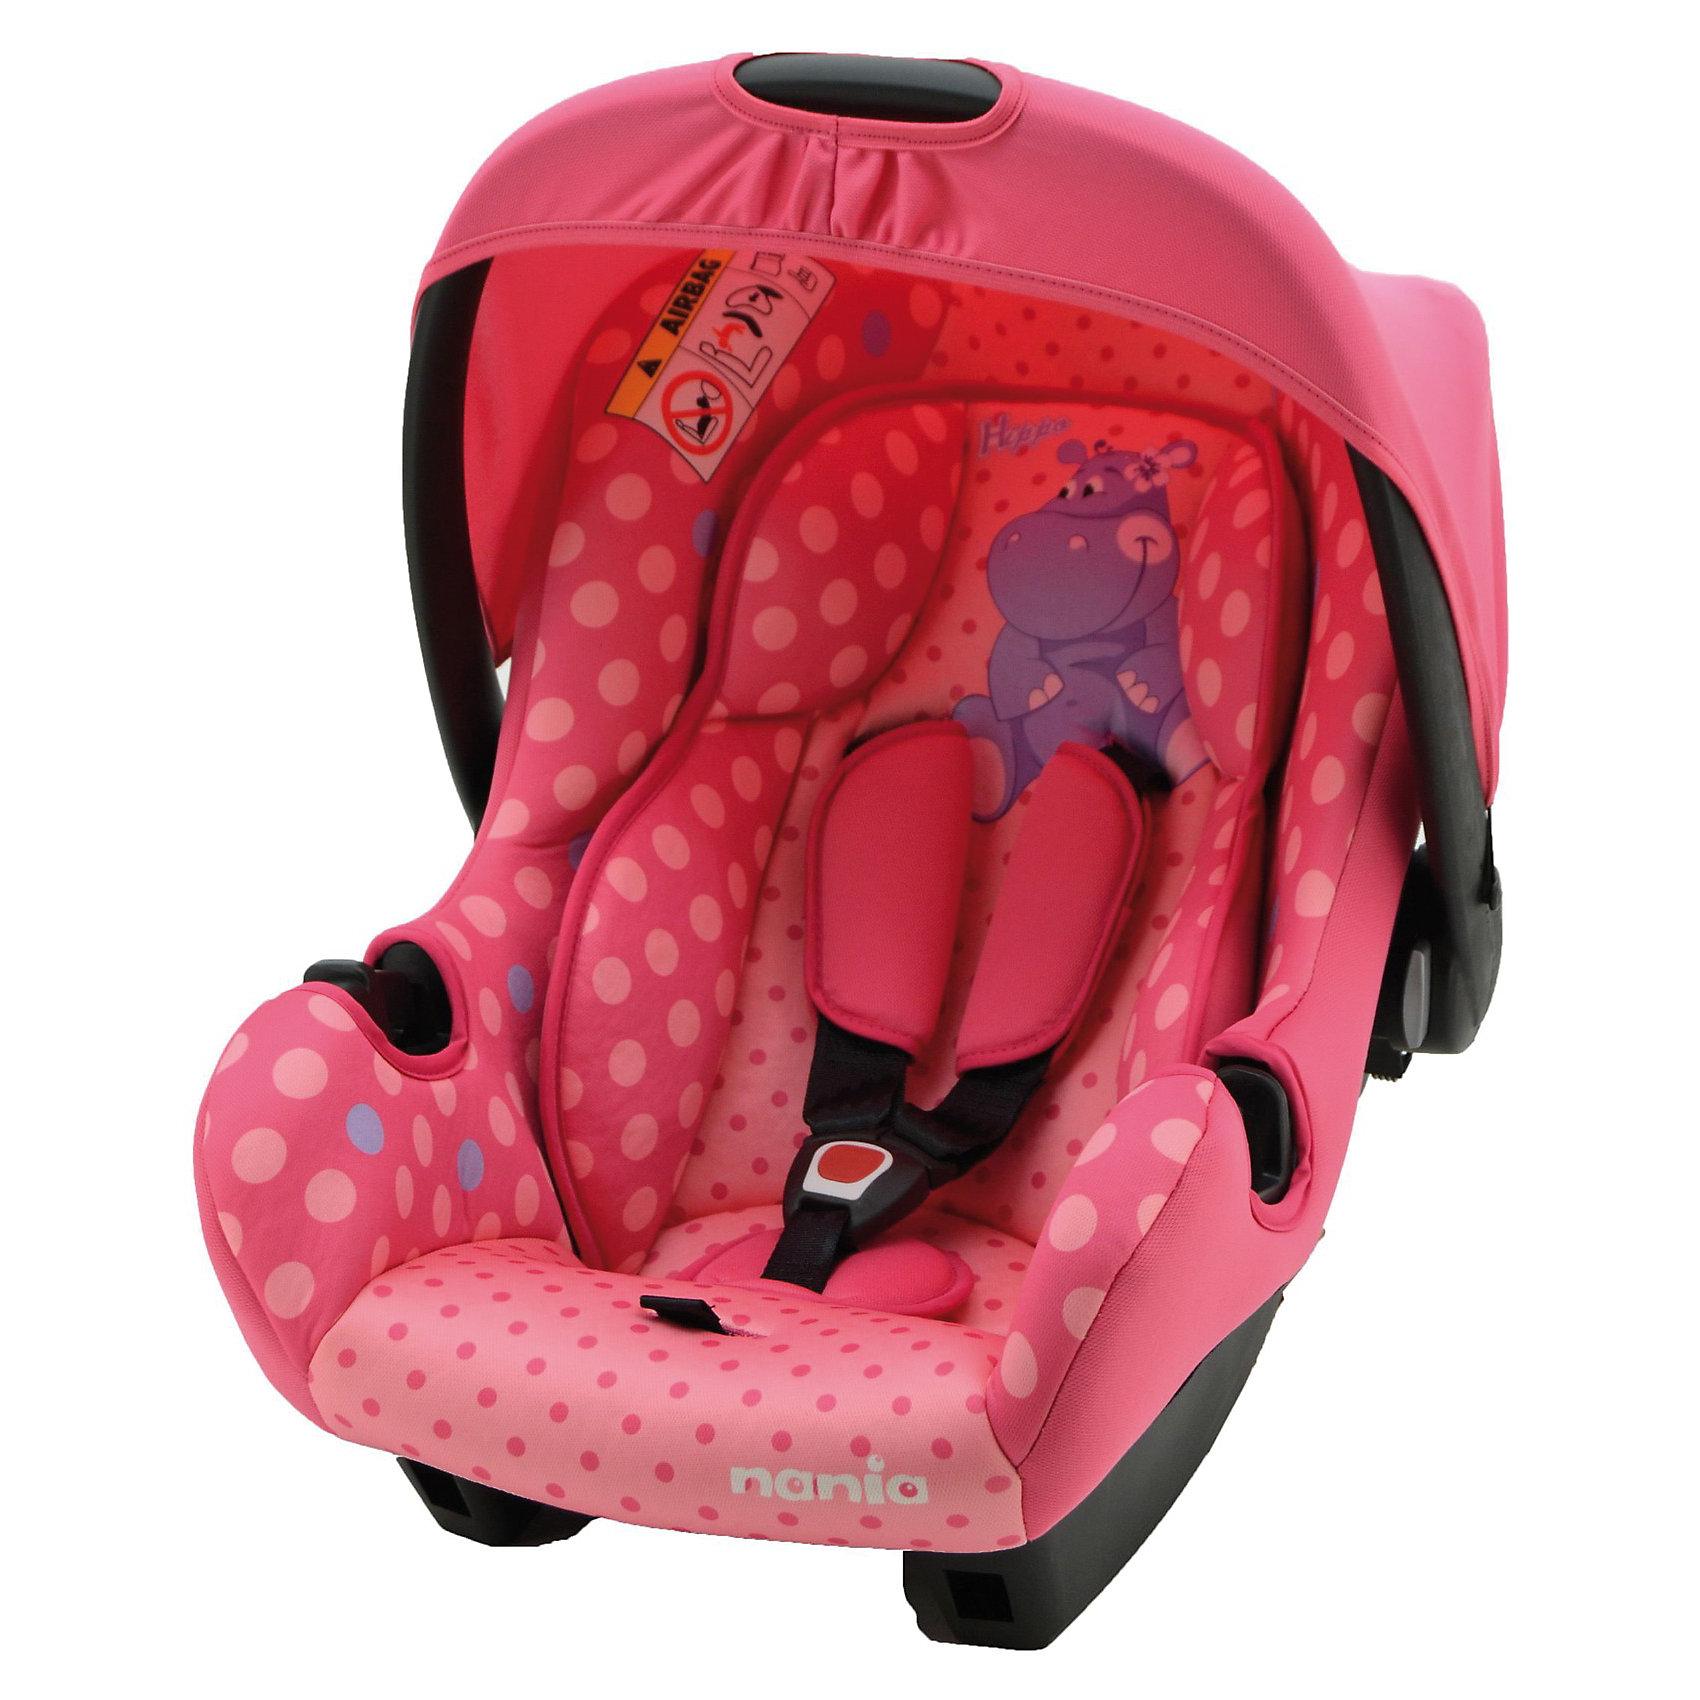 Автокресло Beone SP, 0-13 кг., Nania (hippo)Автокресло Beone SP от Nania разработано специально для новорожденных и гарантирует комфорт и безопасность маленького пассажира во время поездки в автомобиле. Каркас кресла имеет удобную анатомическую форму и поддерживает неокрепшие мышцы малыша, внутри мягкая подушка. Кресло оснащено регулируемыми 3-точечными ремнями безопасности с 3-мя уровнями регулировки по высоте и мягкими плечевыми накладками. Особая конструкция с двойными стенками и расширением в области головы гарантирует оптимальную защиту при боковом ударе. Солнцезащитный козырек не допускает попадания прямых солнечных лучей и пропускает воздух. Тканевую обивку и подушку можно снимать и стирать при щадящем режиме.<br><br>Кресло также может использоваться как качалка и детская переноска. Имеется эргономичная ручка для транспортировки. Кресло устанавливается на заднем сиденье против хода движения автомобиля при помощи штатных ремней безопасности. Благодаря специальной системе крепления автокресло Beone SP легко и надежно фиксируется в автомобиле.<br><br>Автокресло Beone SP рассчитано на детей с рождения до 12 мес., весом 0-13 кг.<br>     <br>Дополнительная информация:<br><br>- Цвет: hippo (бегемот).<br>- Материал: полиэстер, пластик.<br>- Внешние размеры: 70 х 47 х 40 см.<br>- Внутренние размеры: 32 х 30 см.<br>- Высота спинки: 46 см.<br>- Вес: 3,2 кг. <br><br>Автокресло Beone SP Nania можно купить в нашем интернет-магазине.<br><br>Ширина мм: 390<br>Глубина мм: 720<br>Высота мм: 400<br>Вес г: 7690<br>Возраст от месяцев: 0<br>Возраст до месяцев: 12<br>Пол: Унисекс<br>Возраст: Детский<br>SKU: 3607049